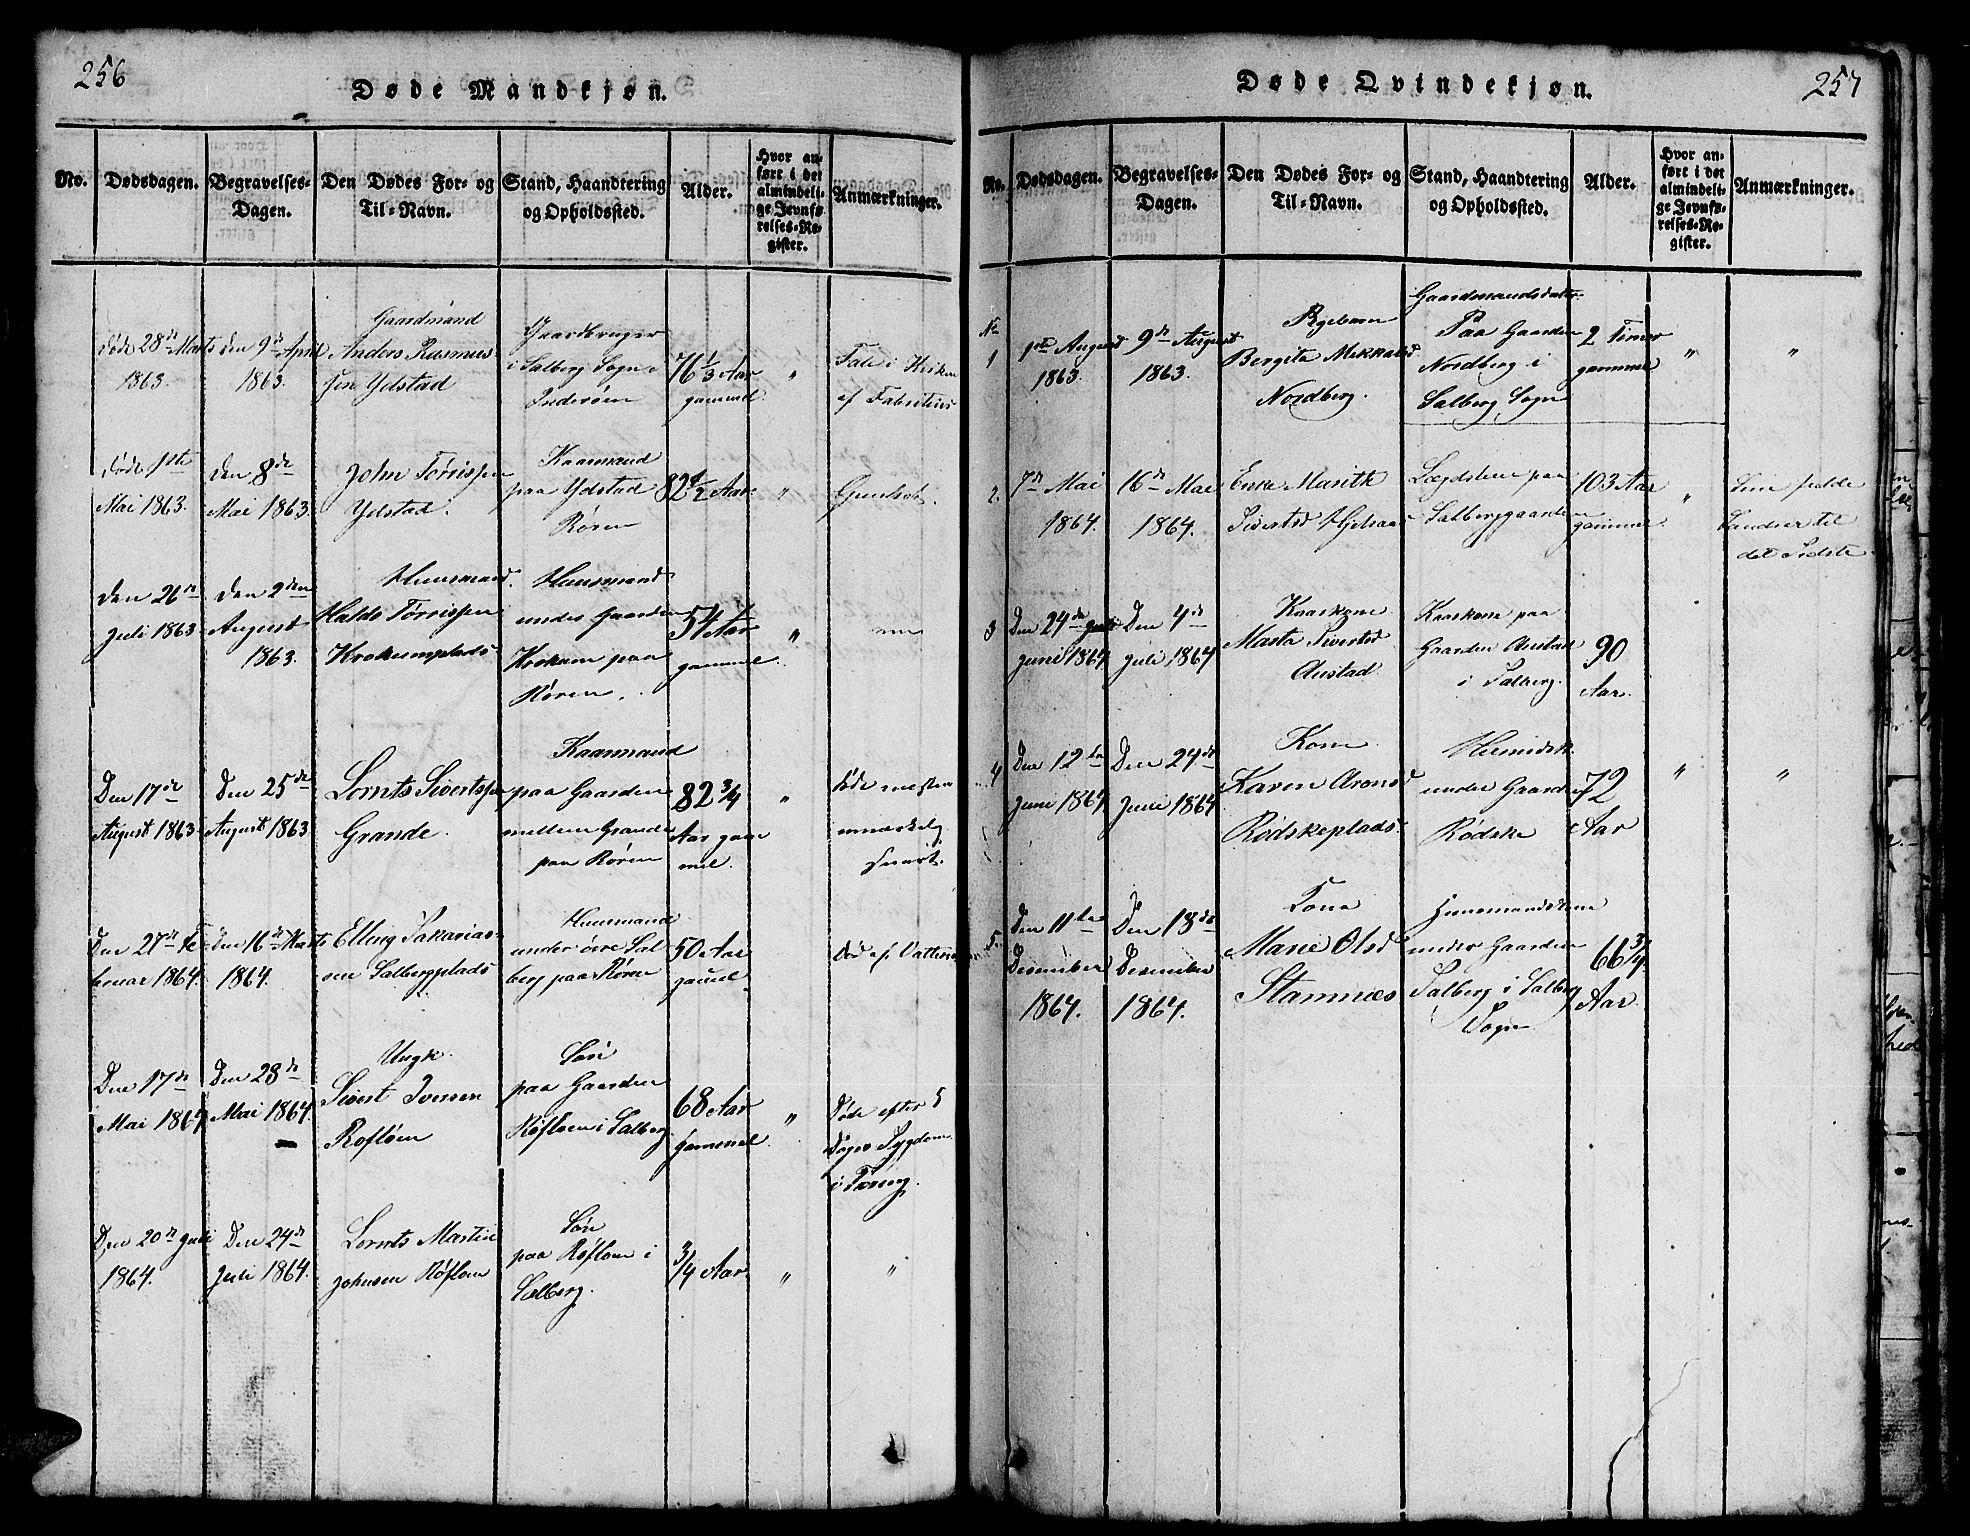 SAT, Ministerialprotokoller, klokkerbøker og fødselsregistre - Nord-Trøndelag, 731/L0310: Klokkerbok nr. 731C01, 1816-1874, s. 256-257